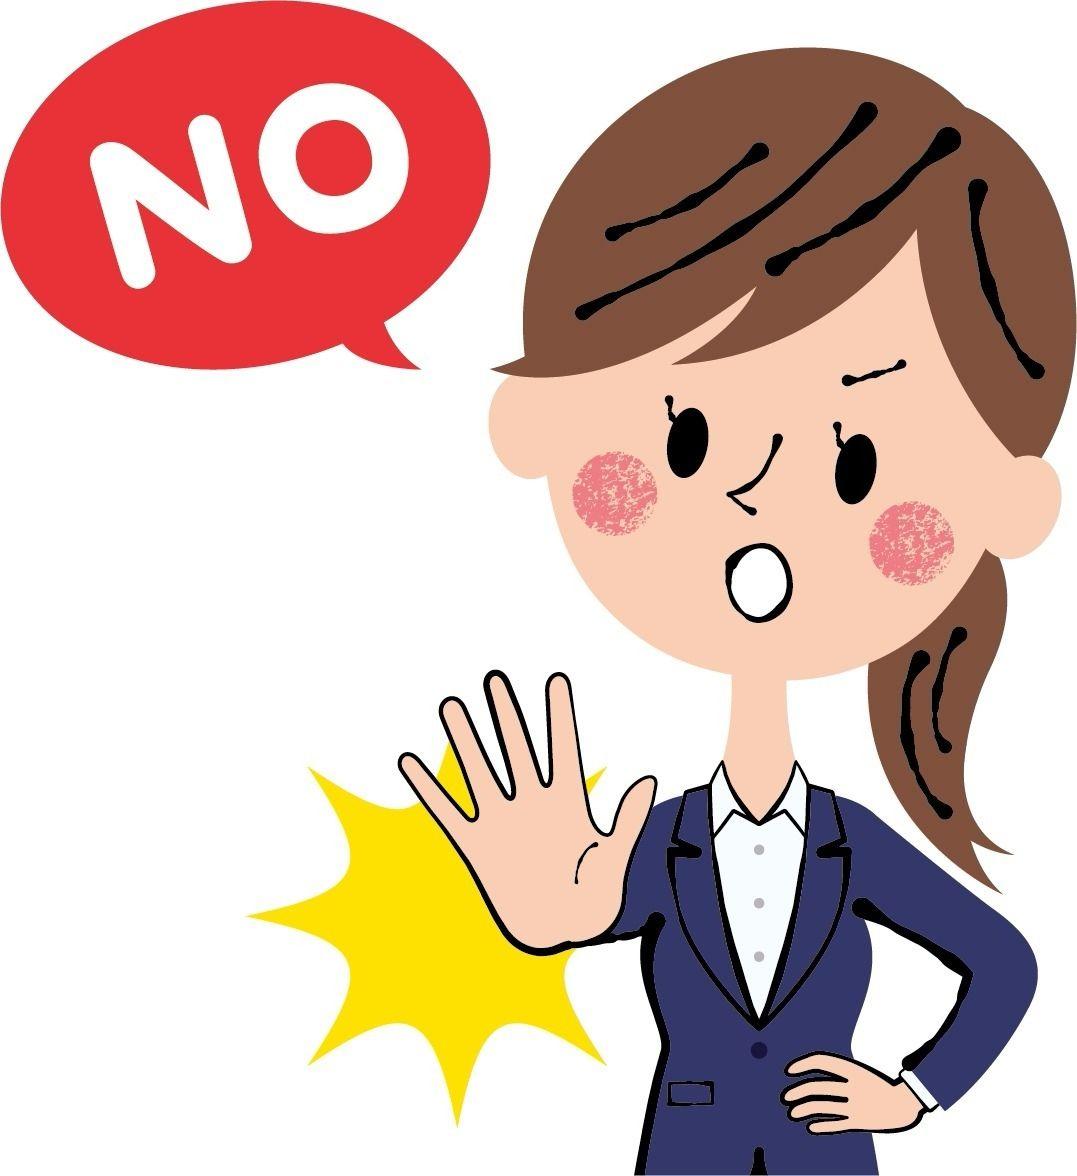 麻布ハウスバックマージンに「NO!」と言い切る会社であるイメージ